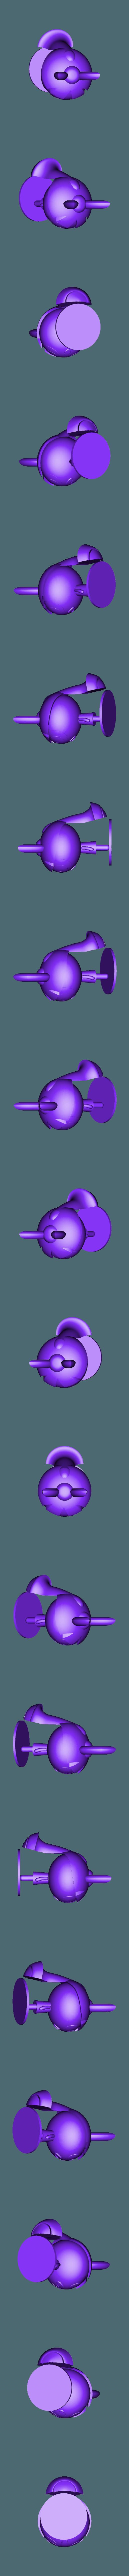 Bloom_Power_Puff.stl Télécharger fichier STL gratuit Les filles de la Powerpuff Blossom • Design imprimable en 3D, Jangie